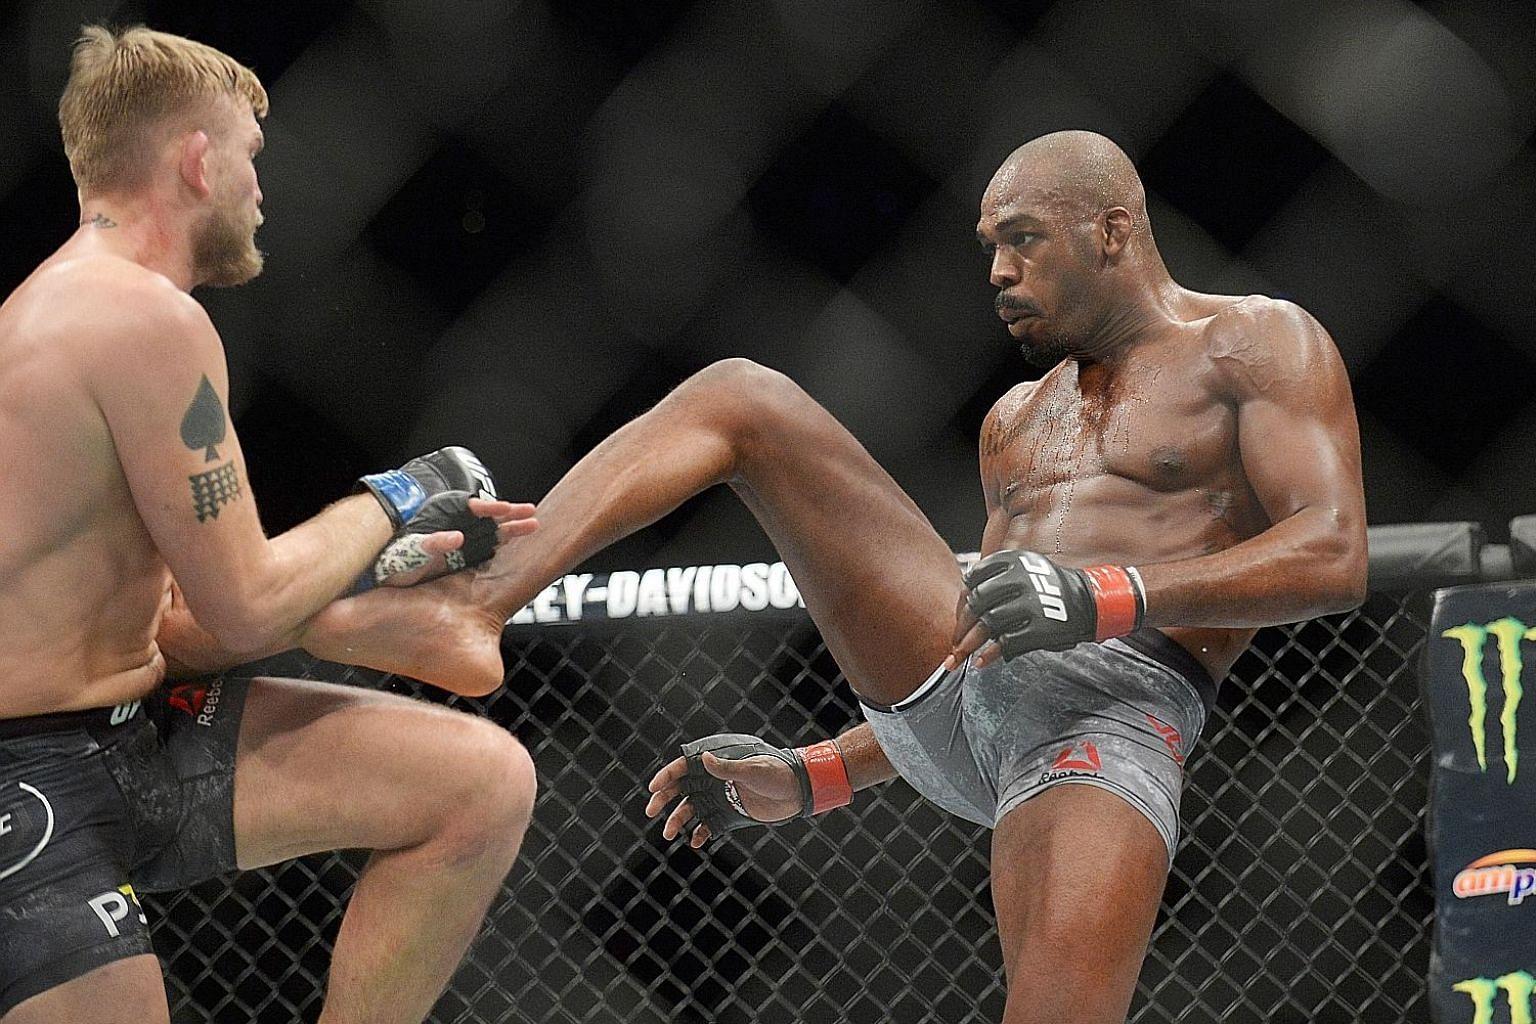 Jon Jones (right) knocking Alexander Gustafsson out for the UFC light heavyweight belt.